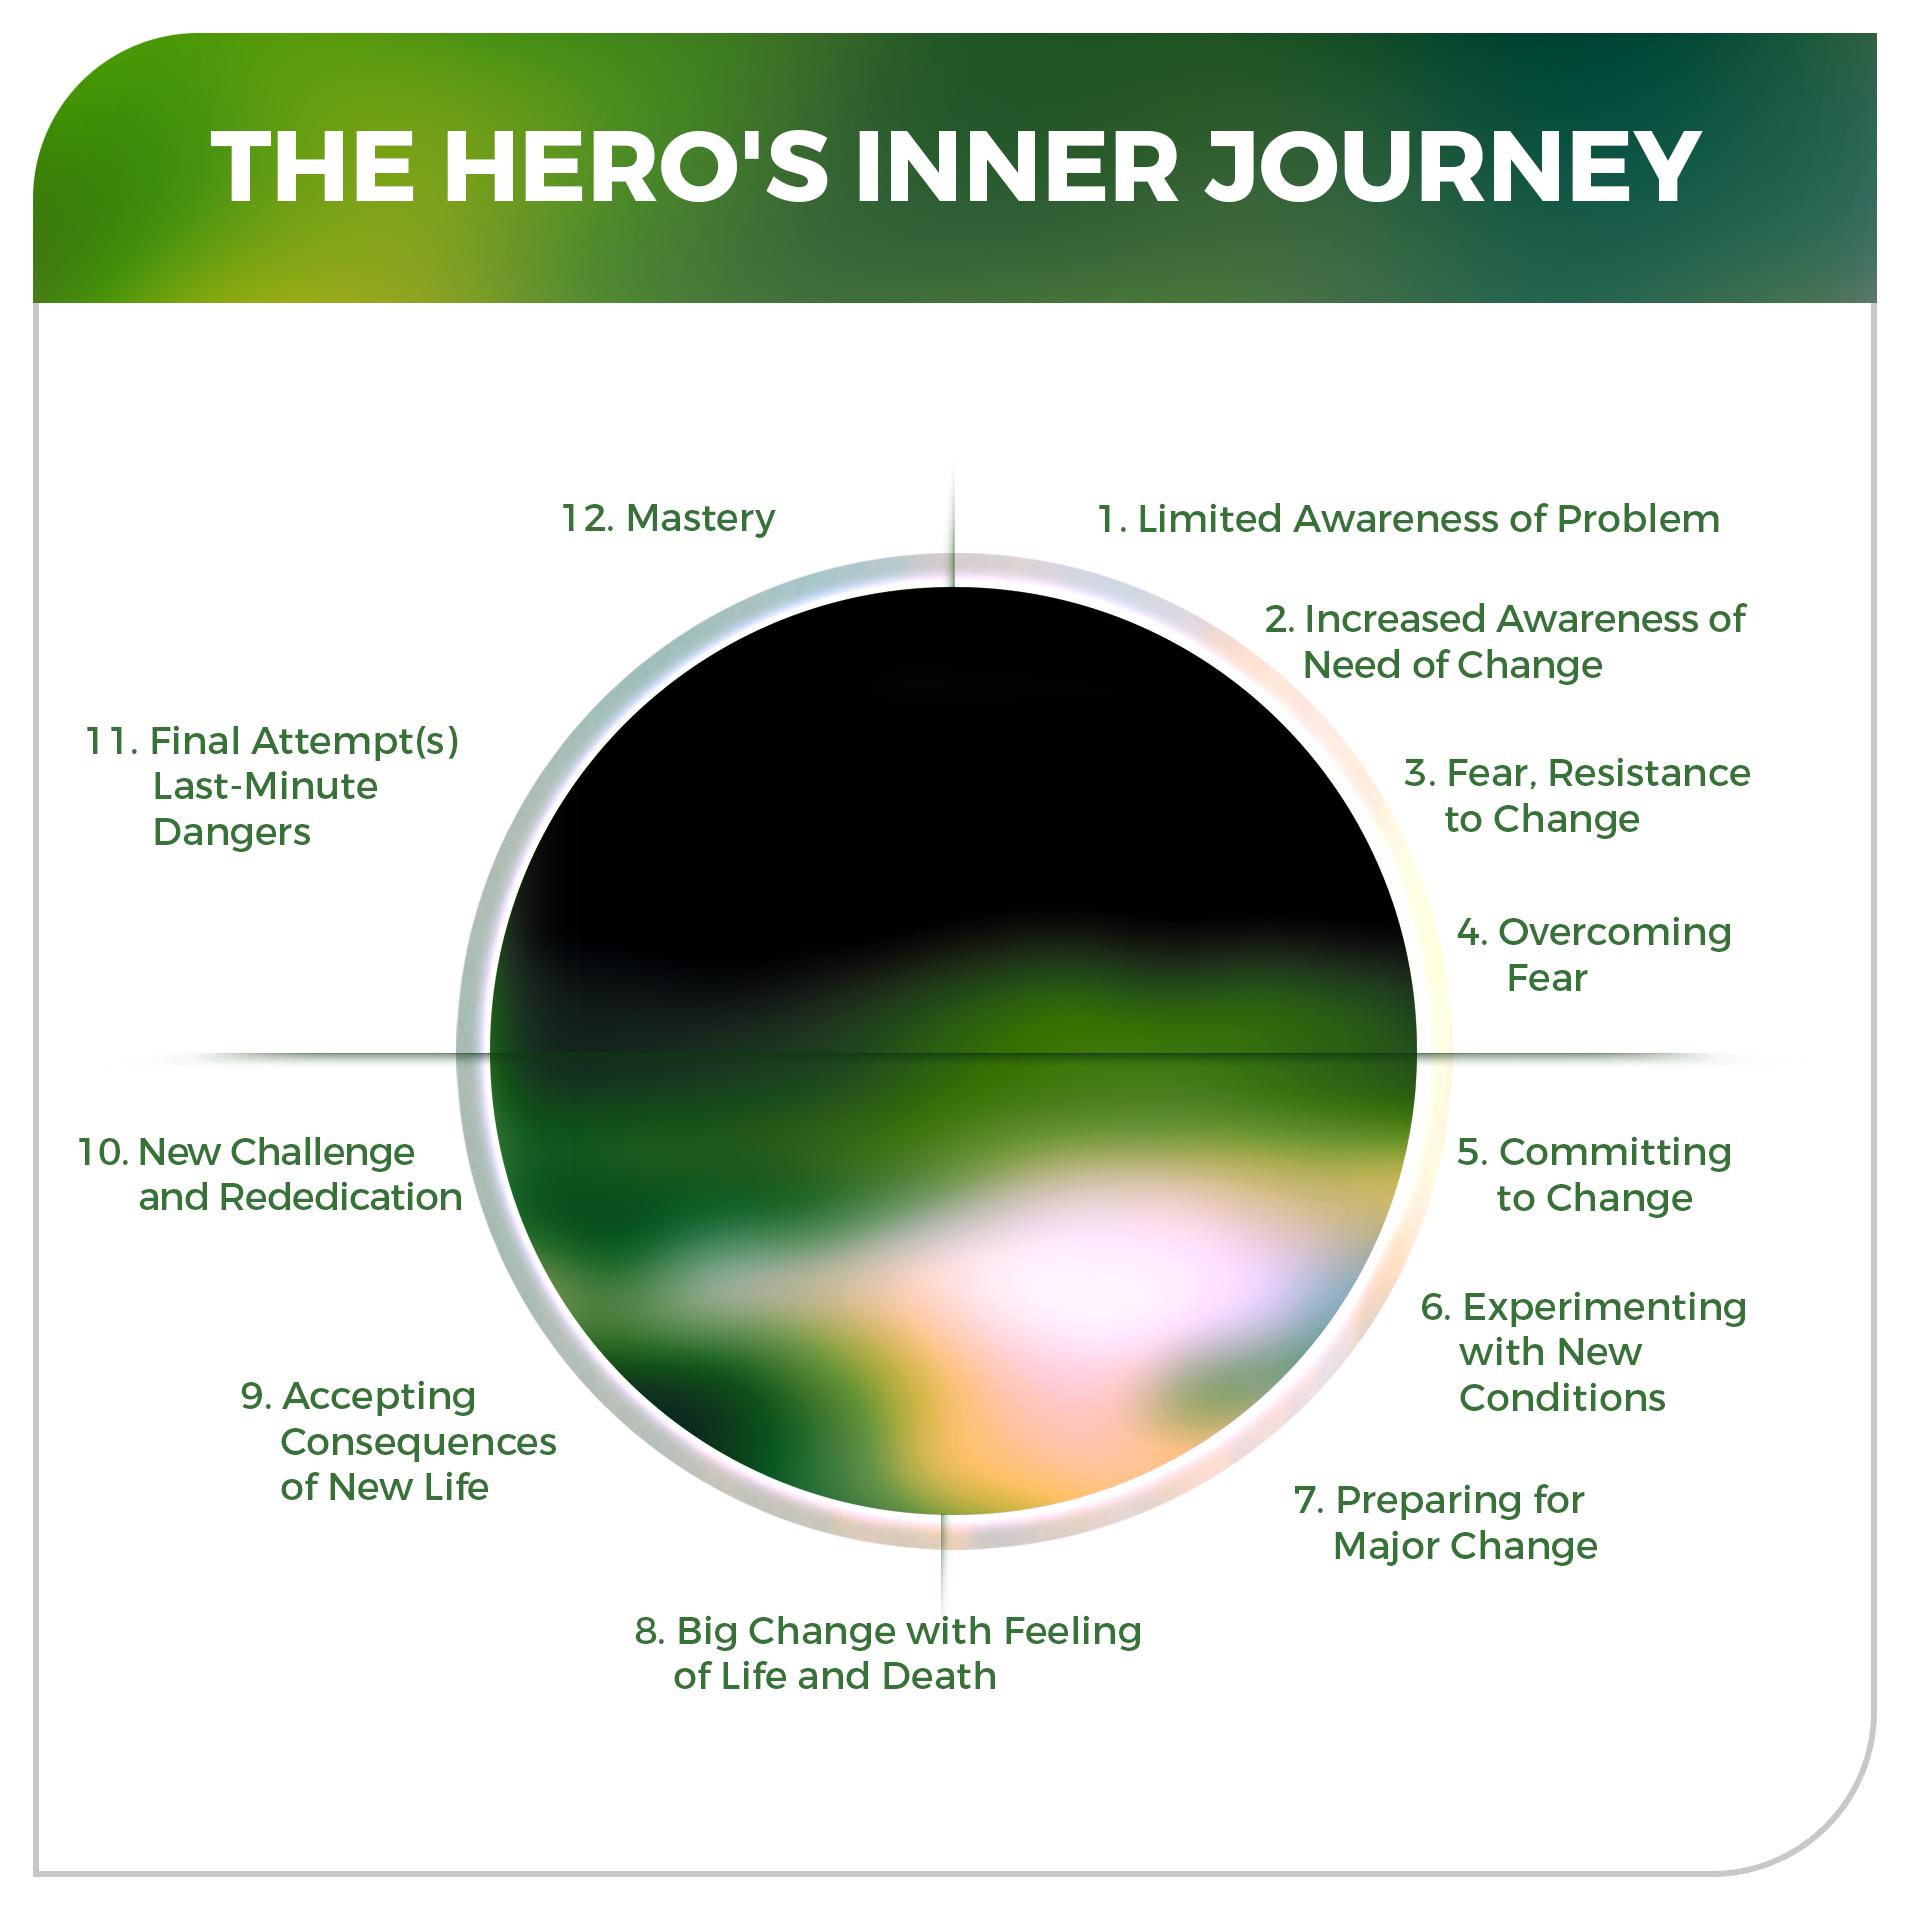 The Hero's Inner Journey for personal development